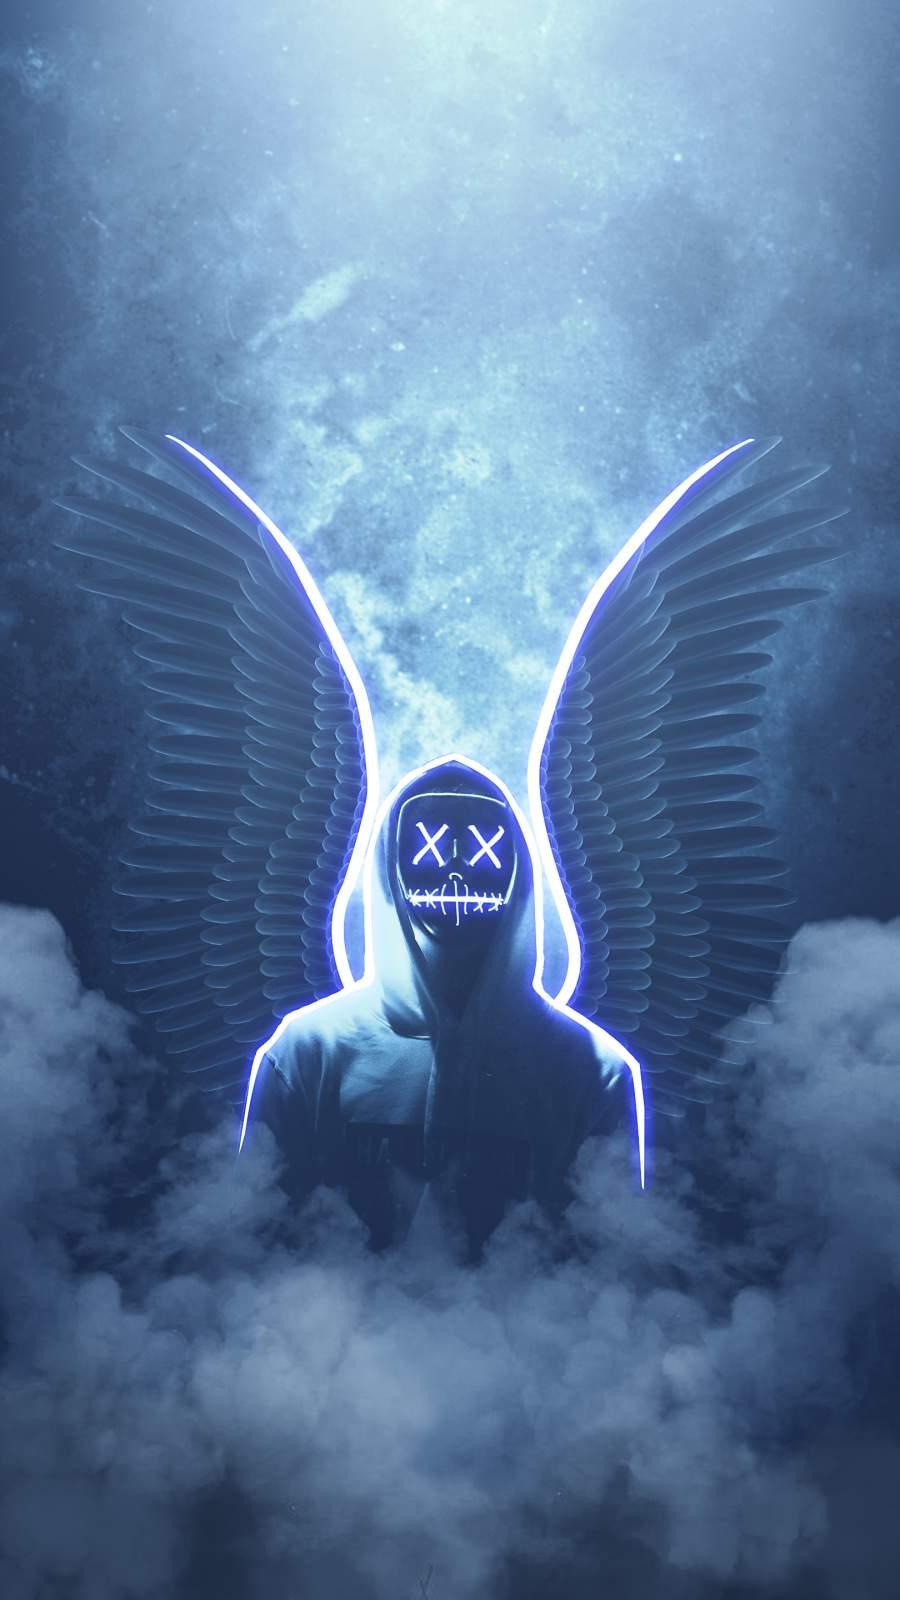 Neon Angel iPhone Wallpaper